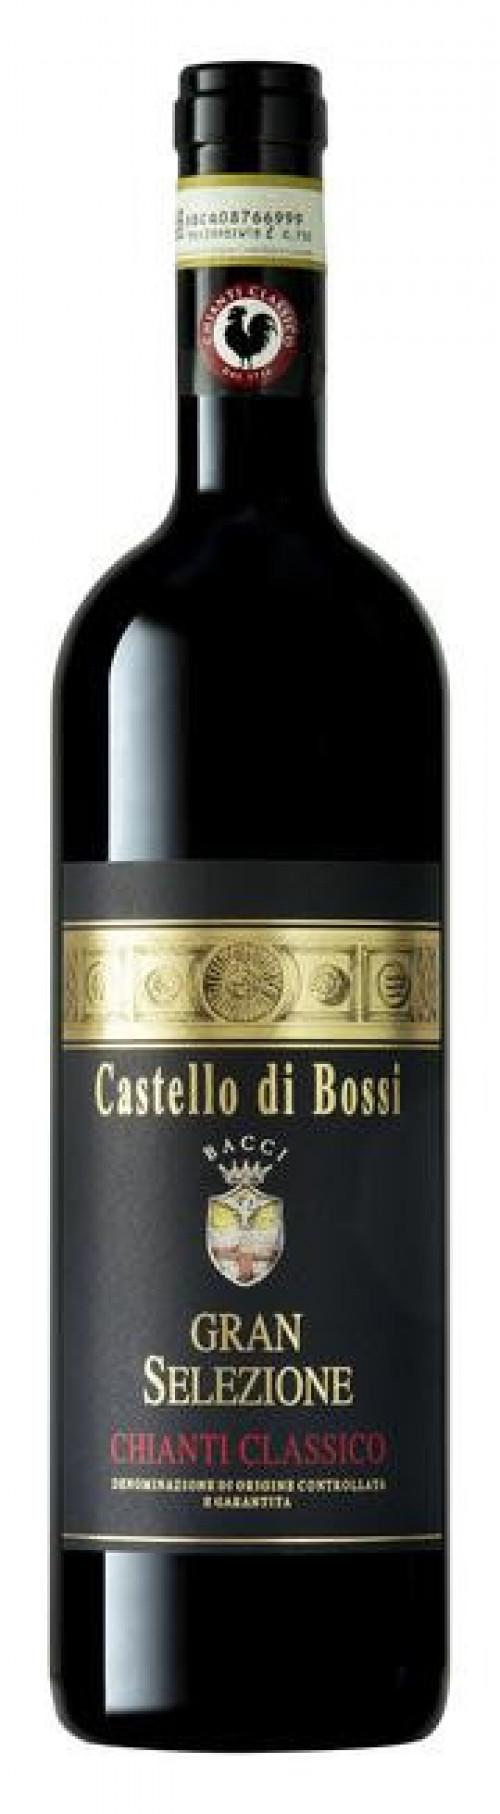 Castello Di Bossi Chianti Classico Gran Selezione 750ml